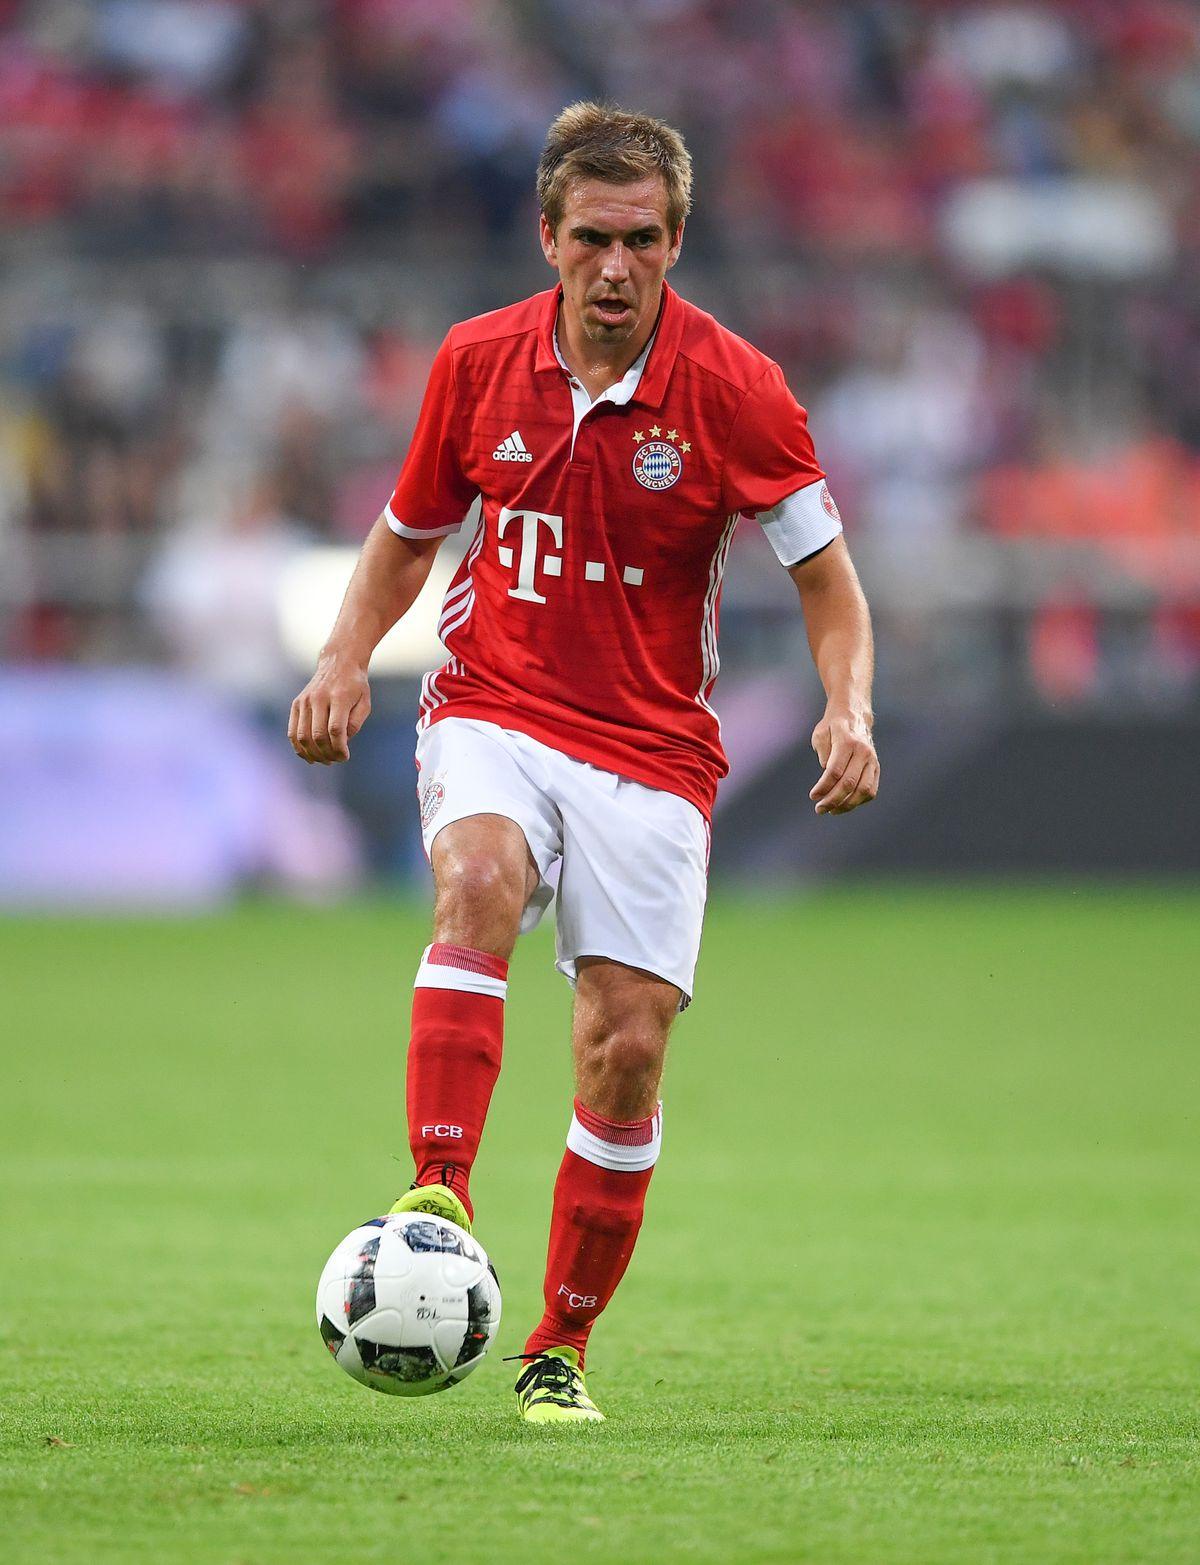 Fussball Testspiel Saison 16/17: FC Bayern Muenchen - Manchester City